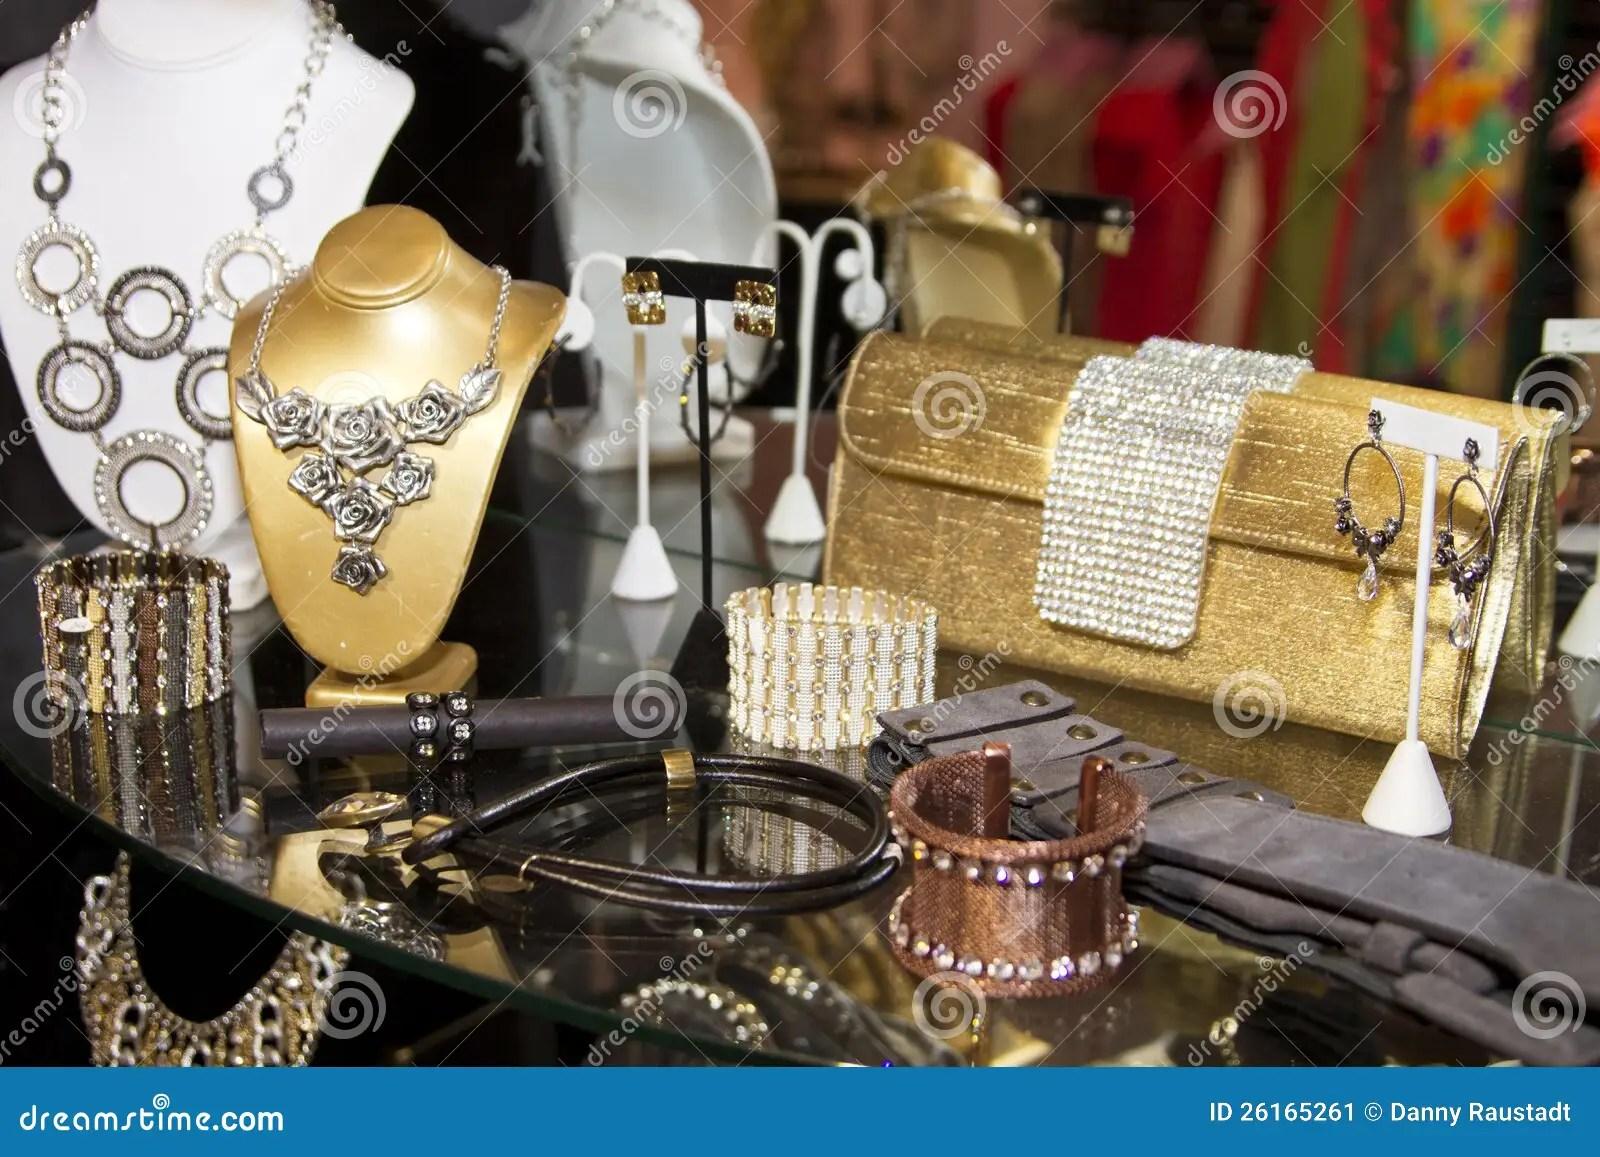 Fashion Accessories Boutique